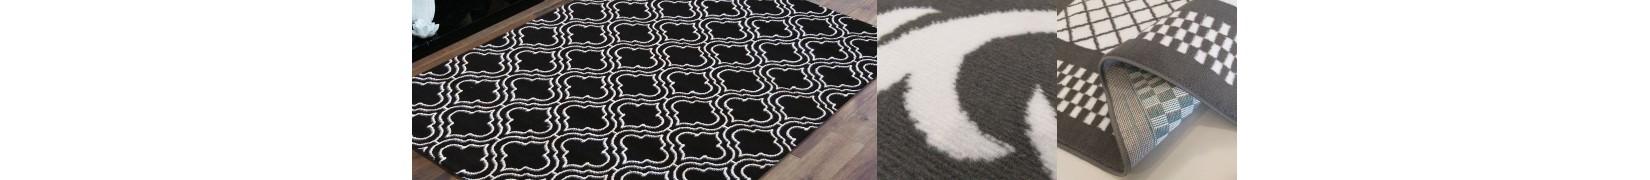 Tanie dywany pokojowe ALFA Soho. Najlepszy wybór w tej cenie